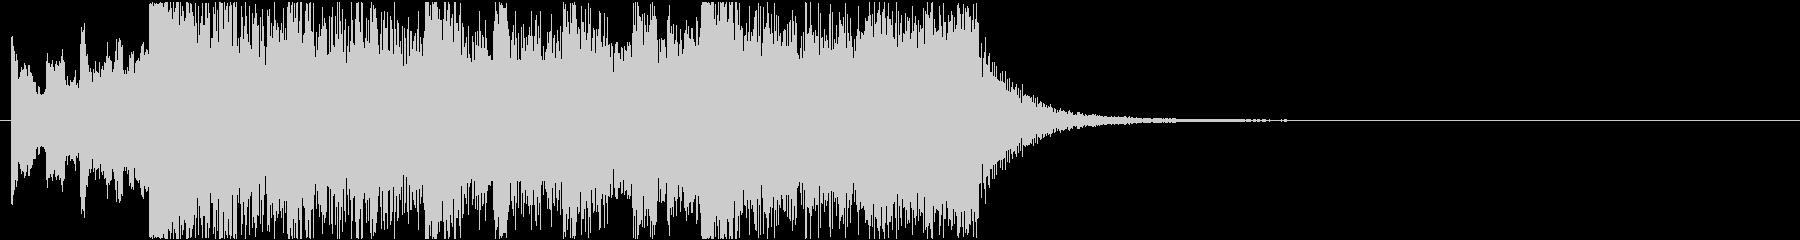 ニュースOP2 16bit48kVerの未再生の波形